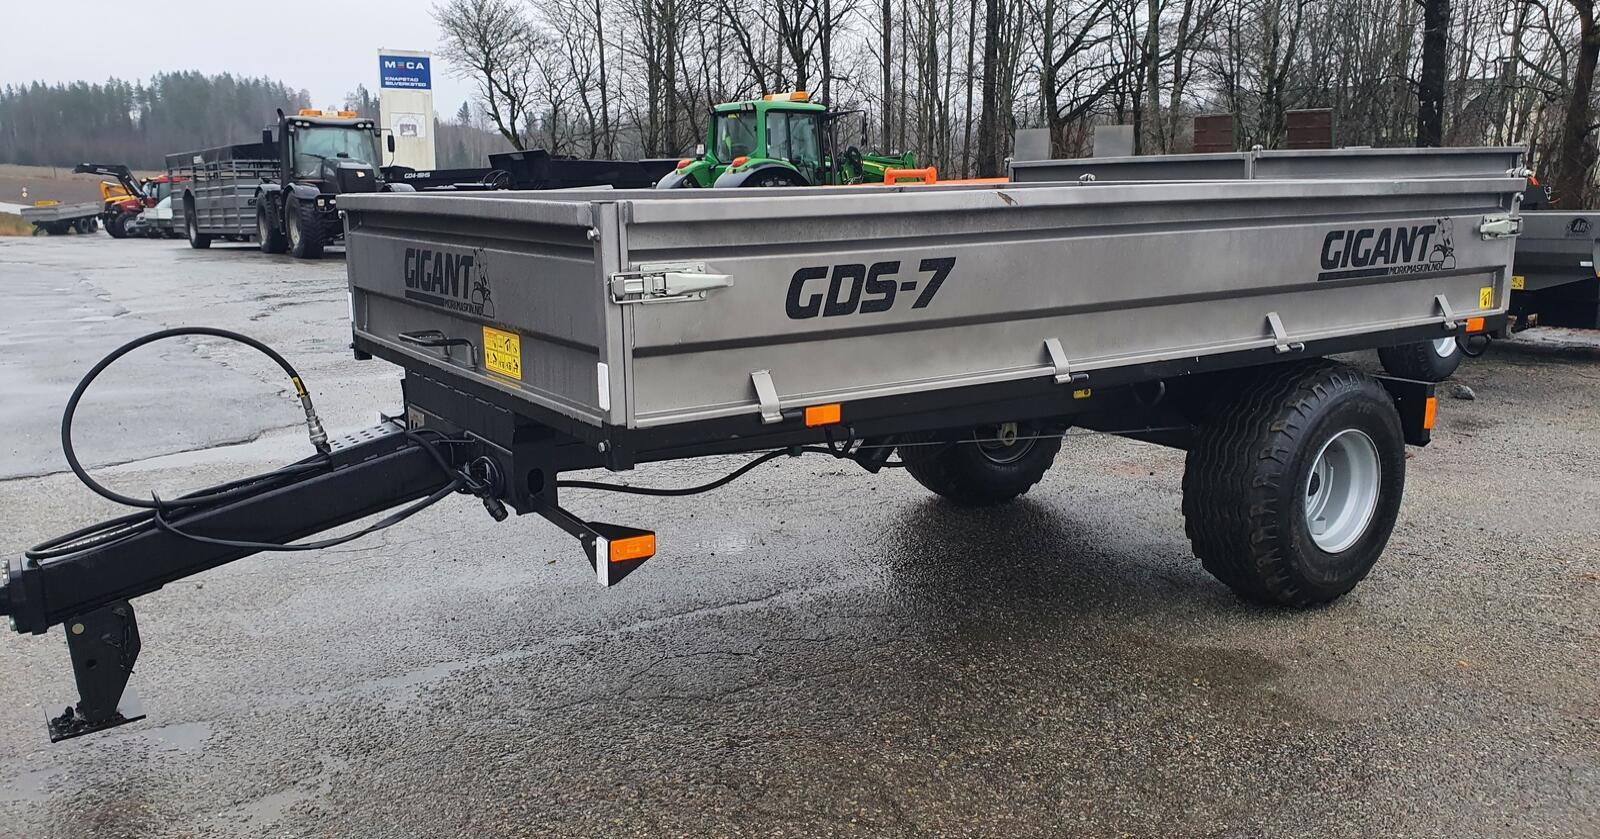 Mellomklasse: Gigant GDS 7 er en henger beregnet på enklere transportbehov. Hengeren har likevel brems, og er godkjent for  40km/h kjørehastighet